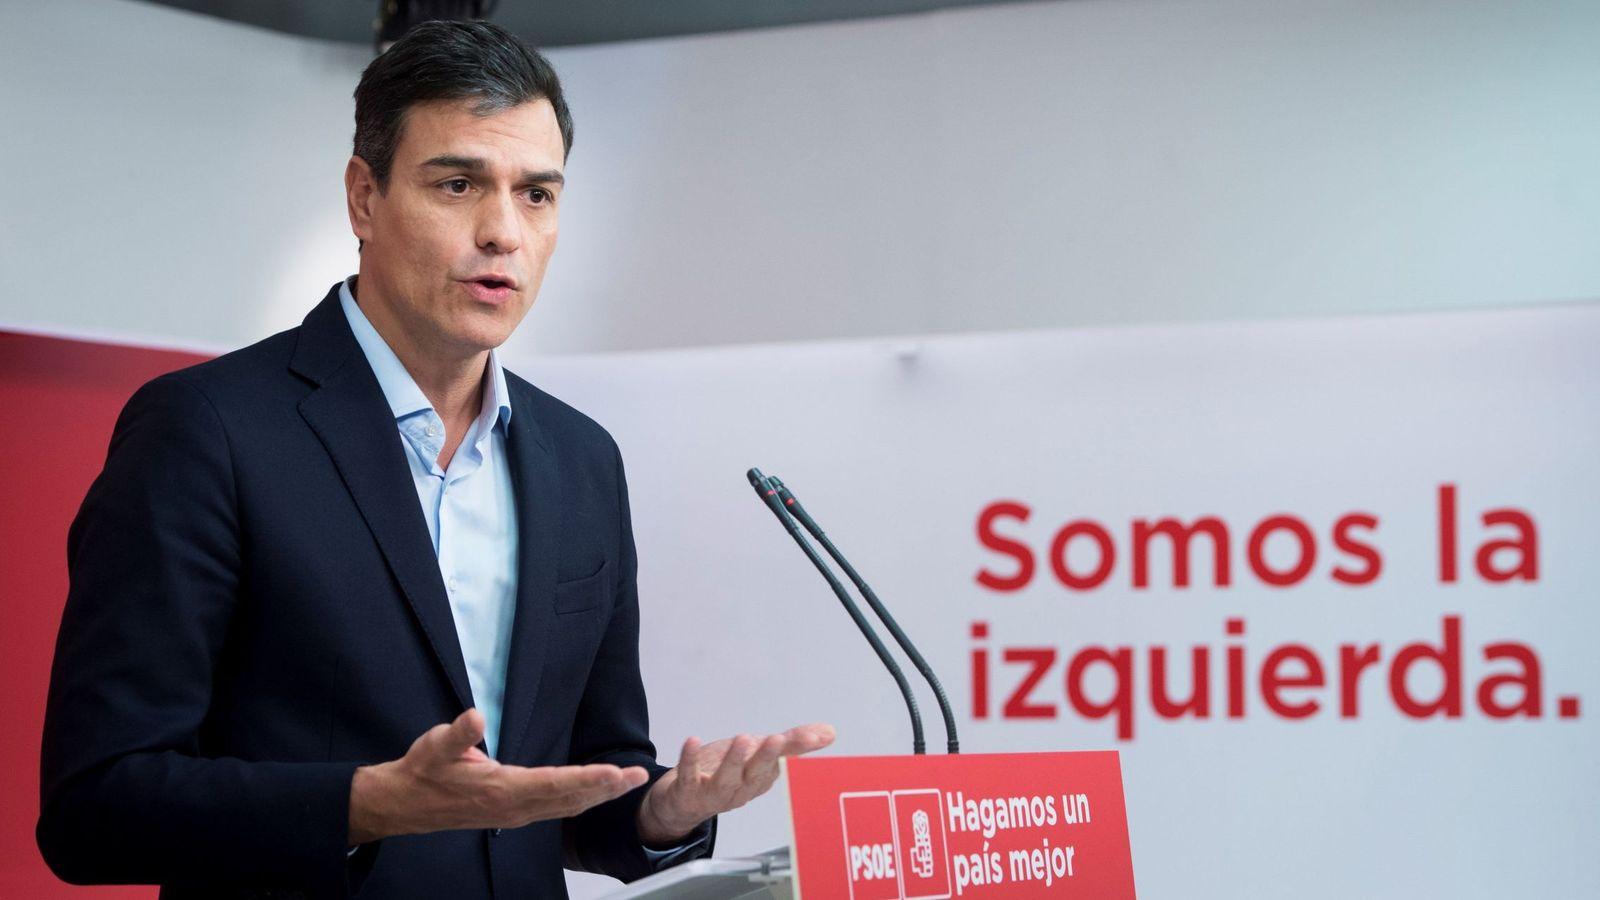 Foto: El secretario general del PSOE, Pedro Sánchez, este 11 de abril en rueda de prensa en Ferraz. (EFE)